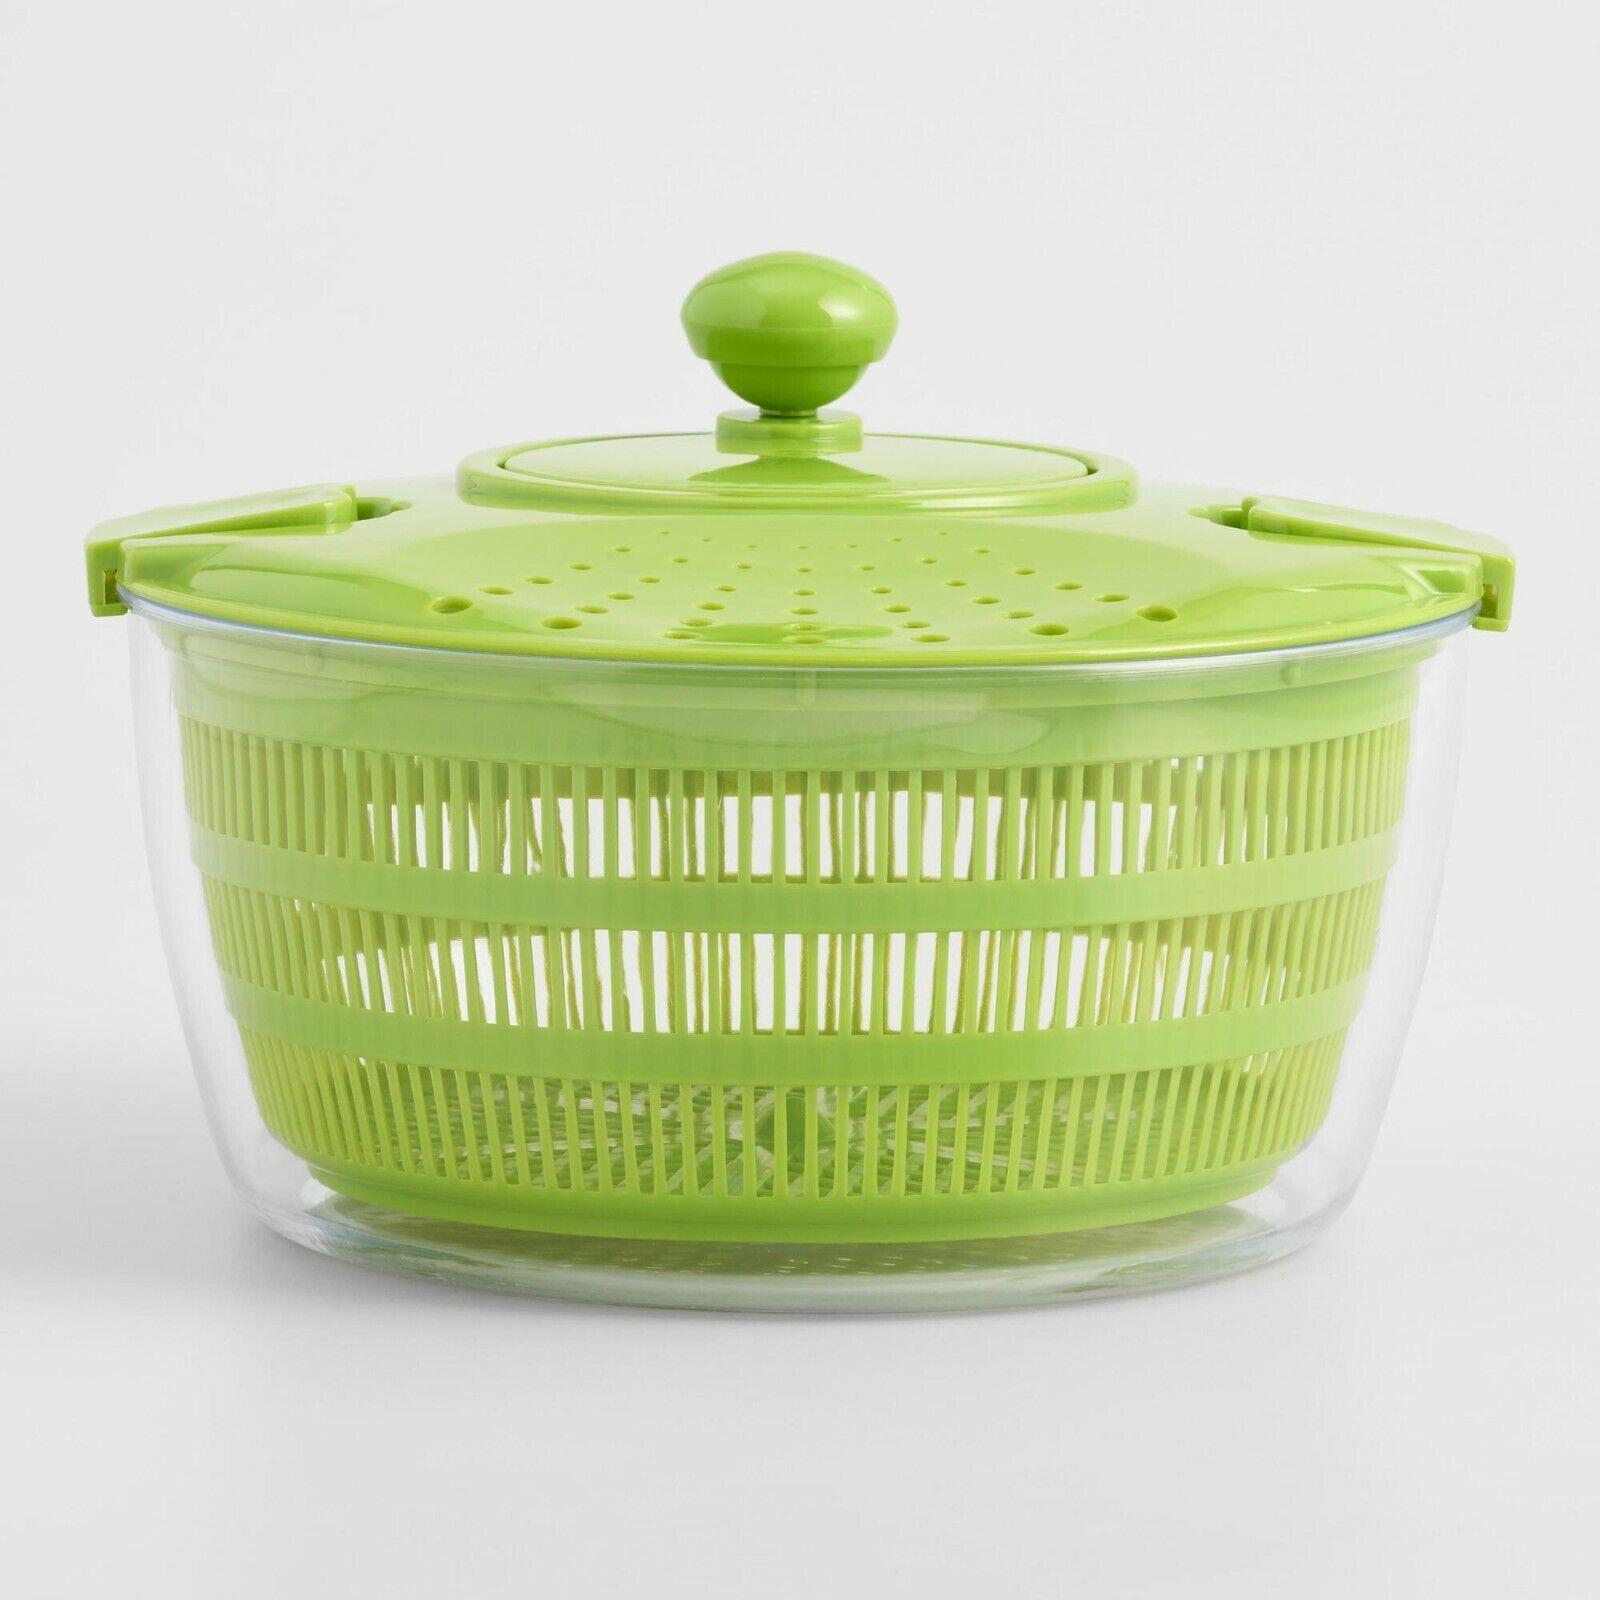 Salad Spinner 3.5-liter Capacity  Leaf Dryer Lettuce Veg Dra